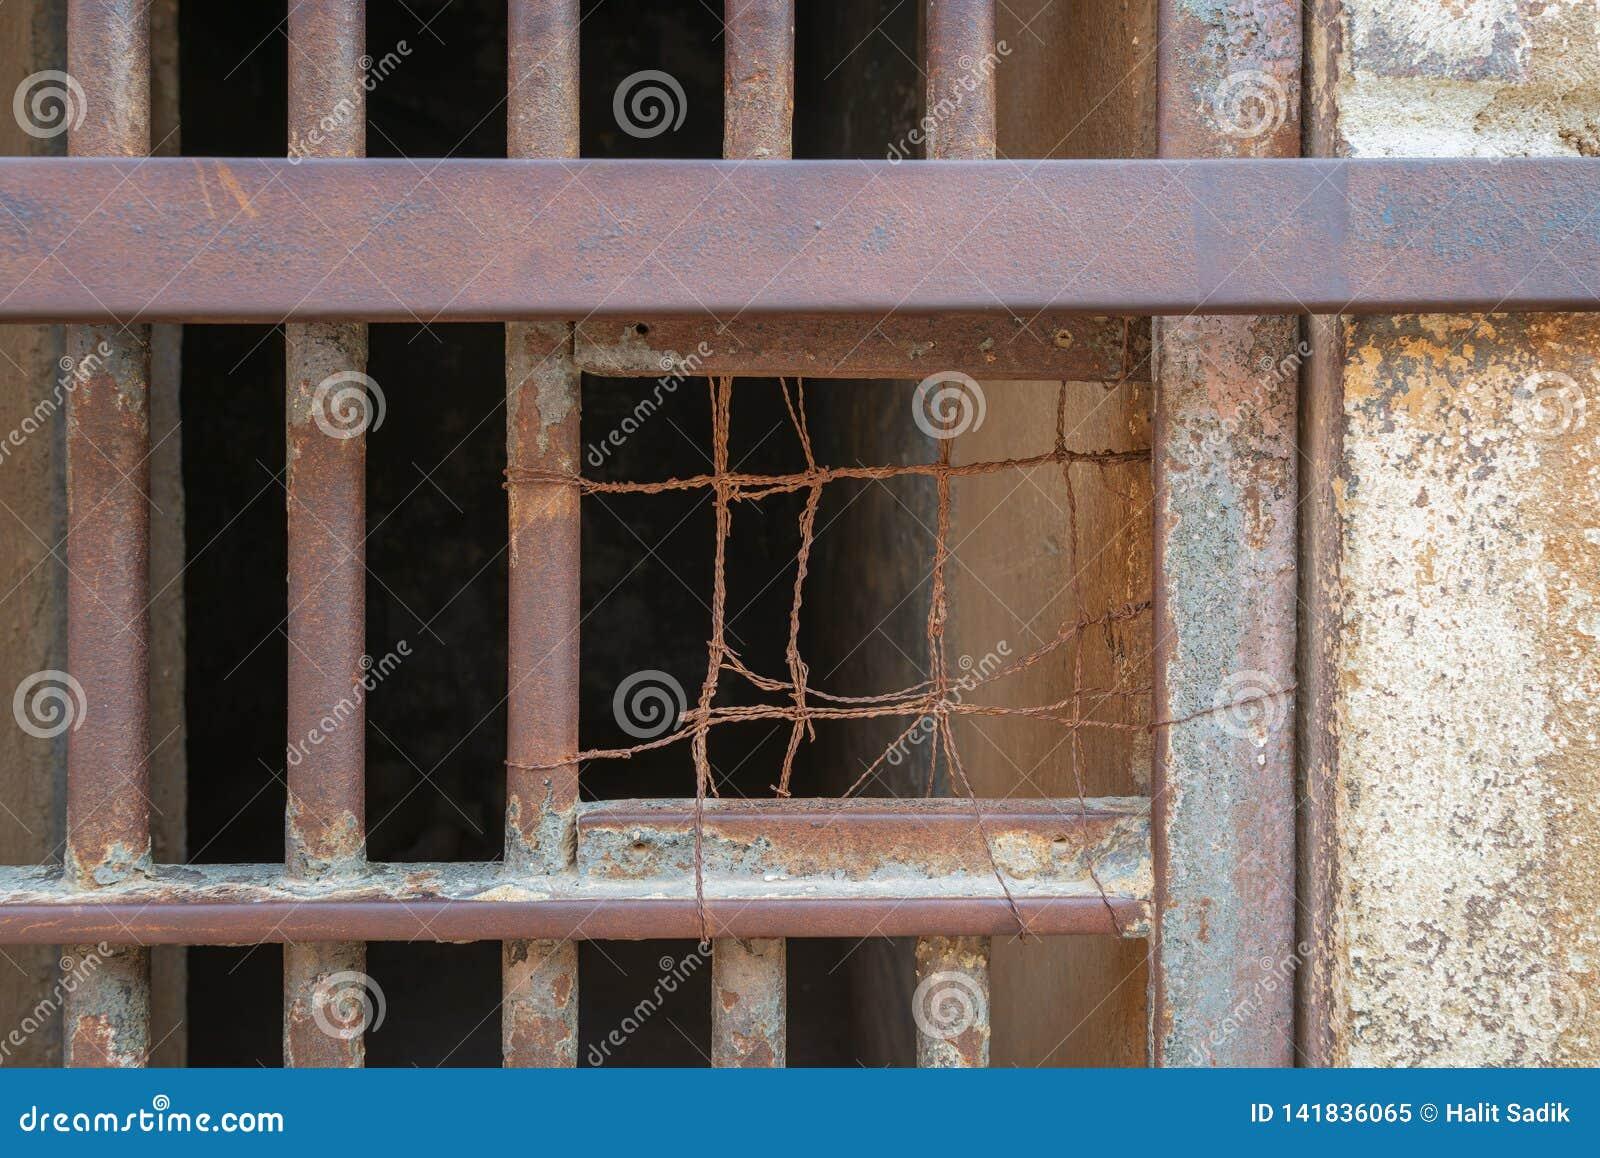 Close-up van een gesloten geroeste ijzerbars van celdeur in gesloten verlaten gevangenis